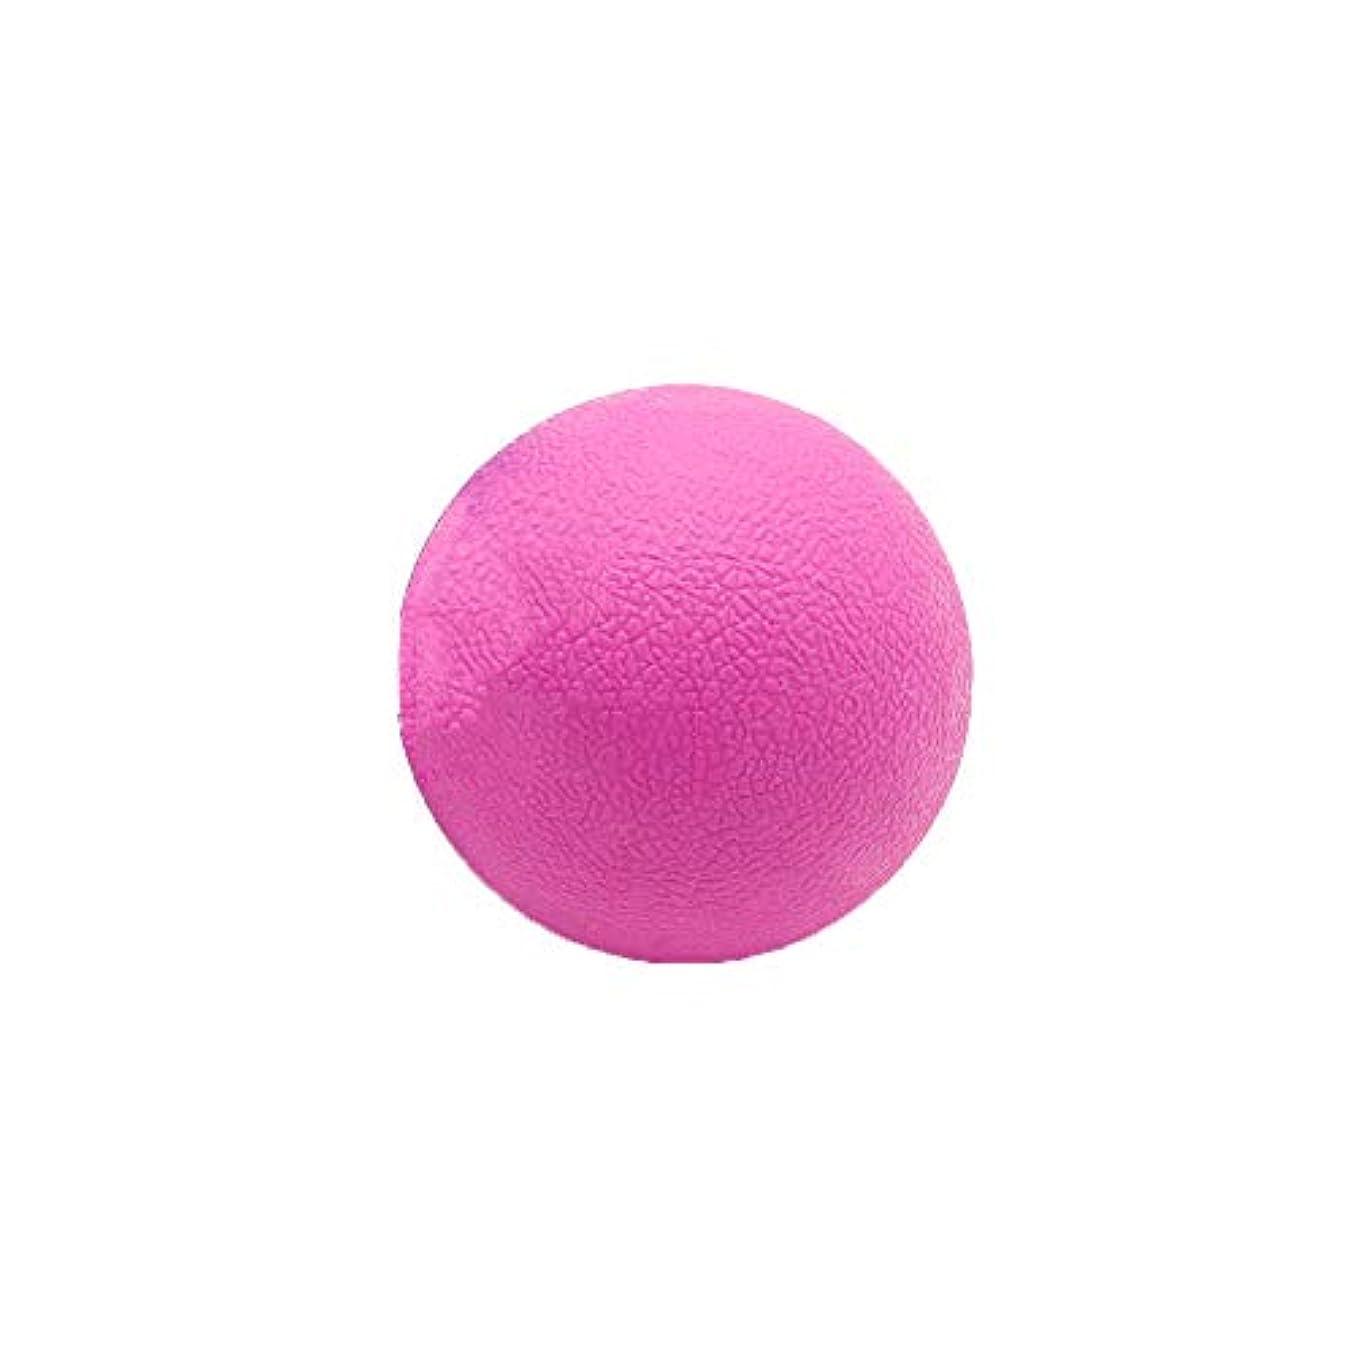 機械的に風邪をひく酔っ払いTyou ロングホッケー ボール ストレッチ リリース マッサージボール 足部 マッサージボール 背中 筋肉 トレーニングボール ピンク